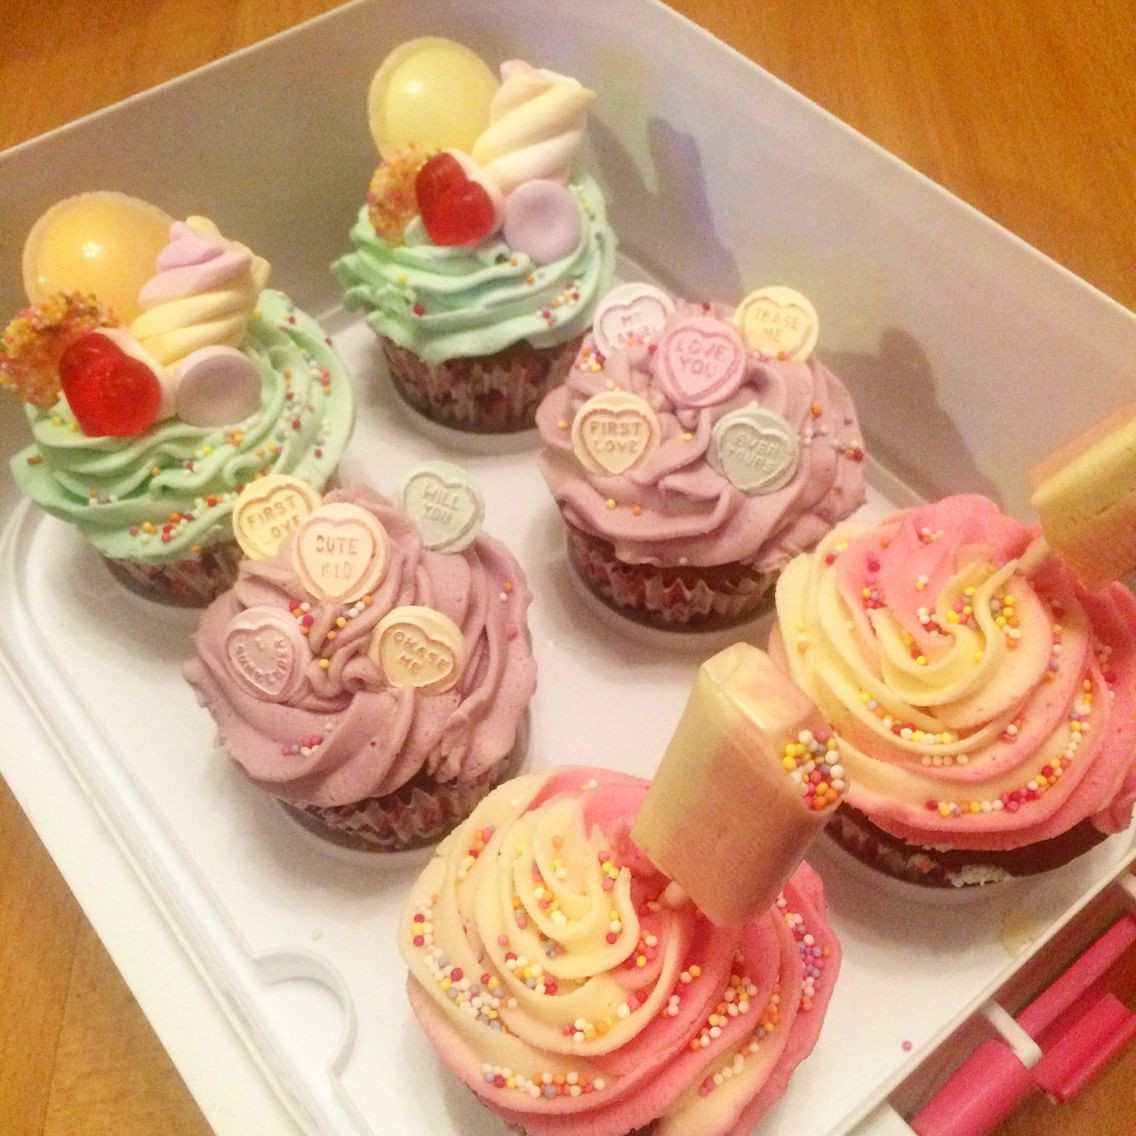 Lowes Foods Wedding Cakes  Tuck shop cupcakes lovehearts sweeties drumsticks